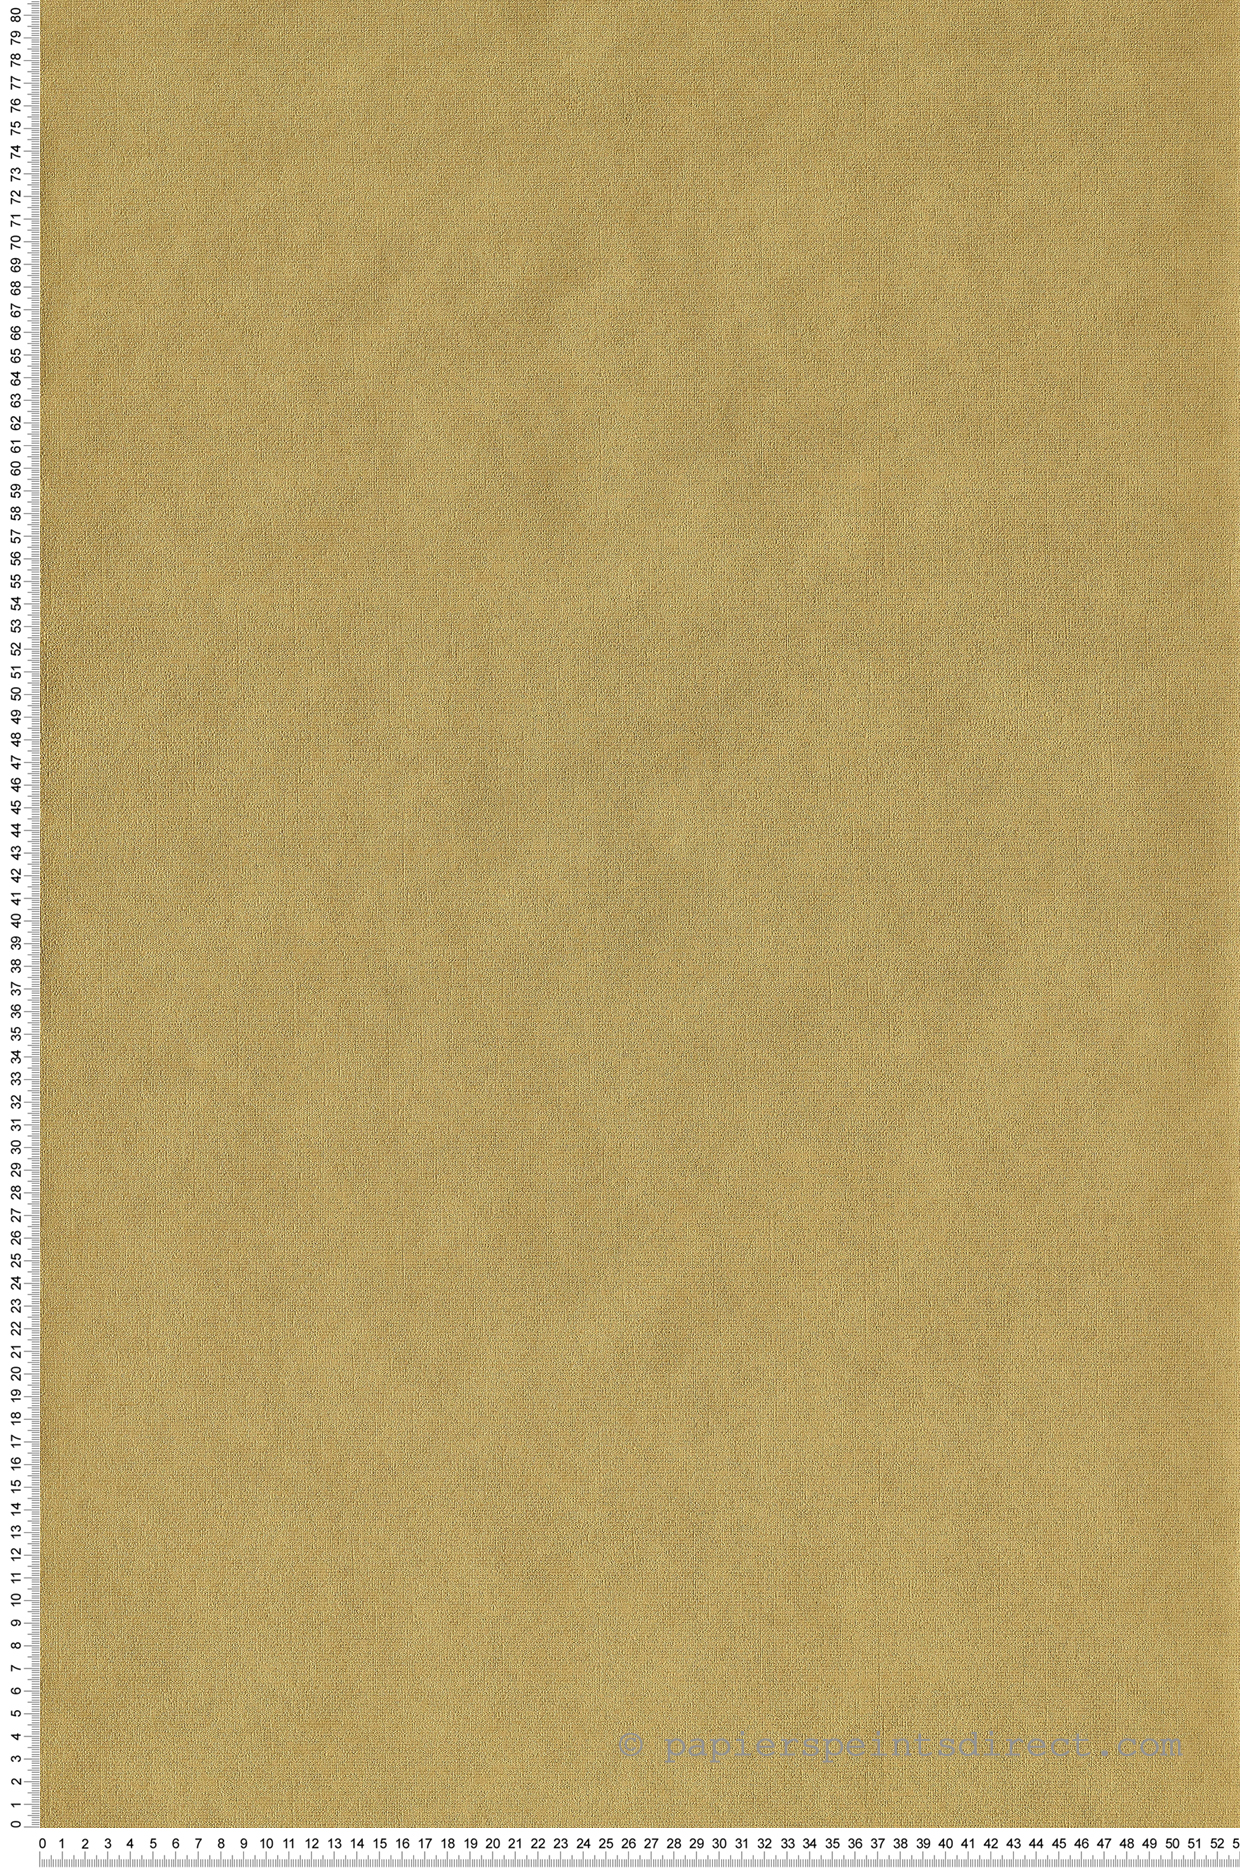 Papier Peint Jaune Moutarde papier peint uni grainé jaune moutarde - escapade d'ugépa